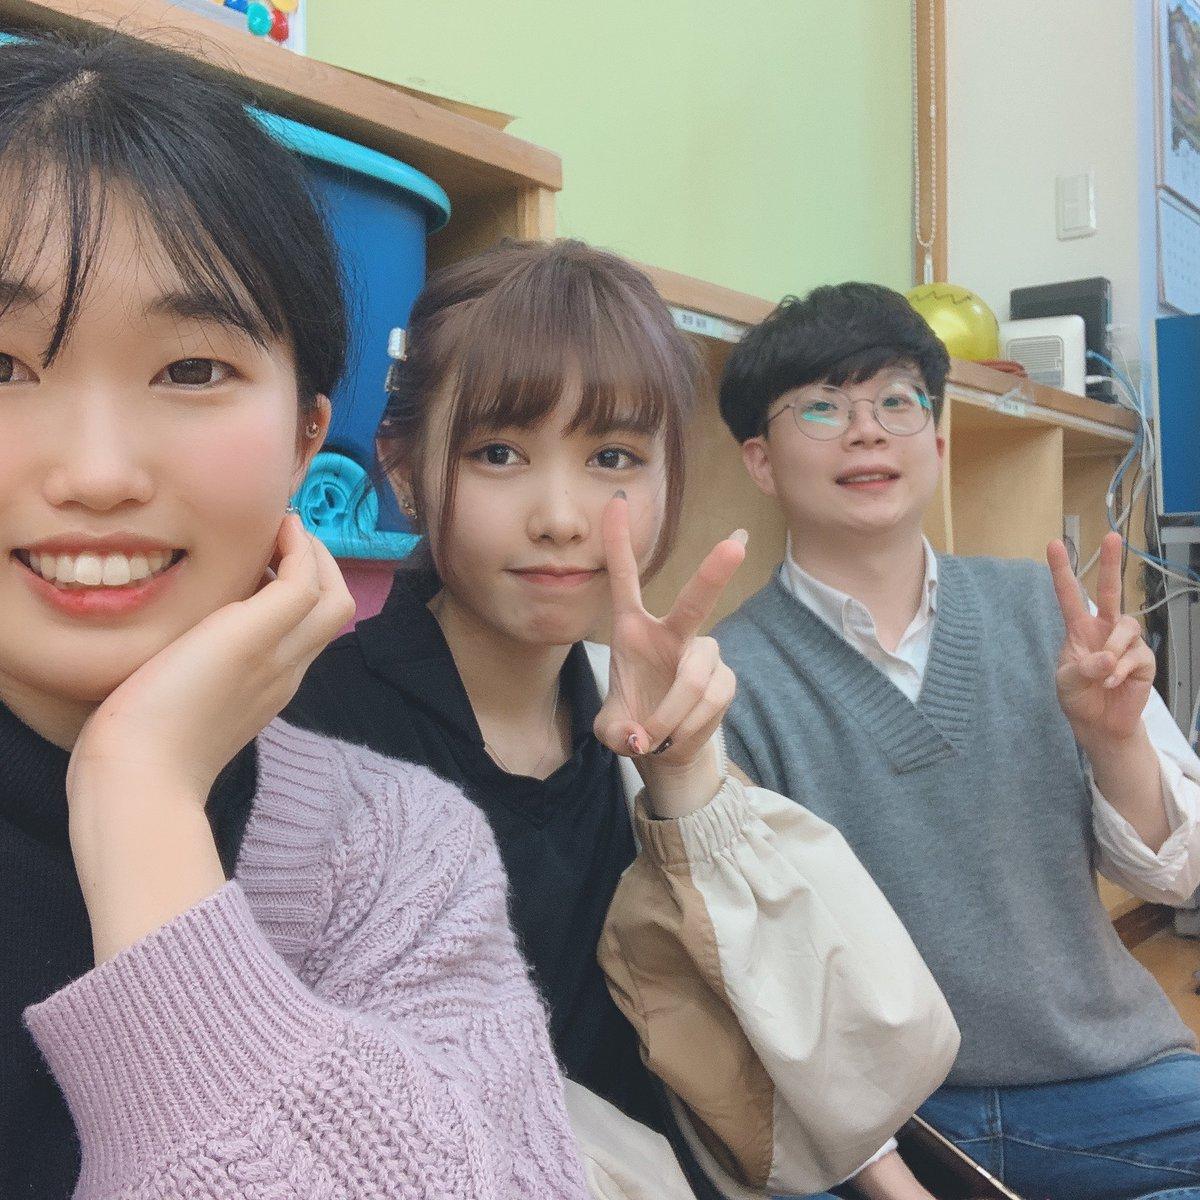 ハヨンとイェジュンpic.twitter.com/9XAY2Sex4J